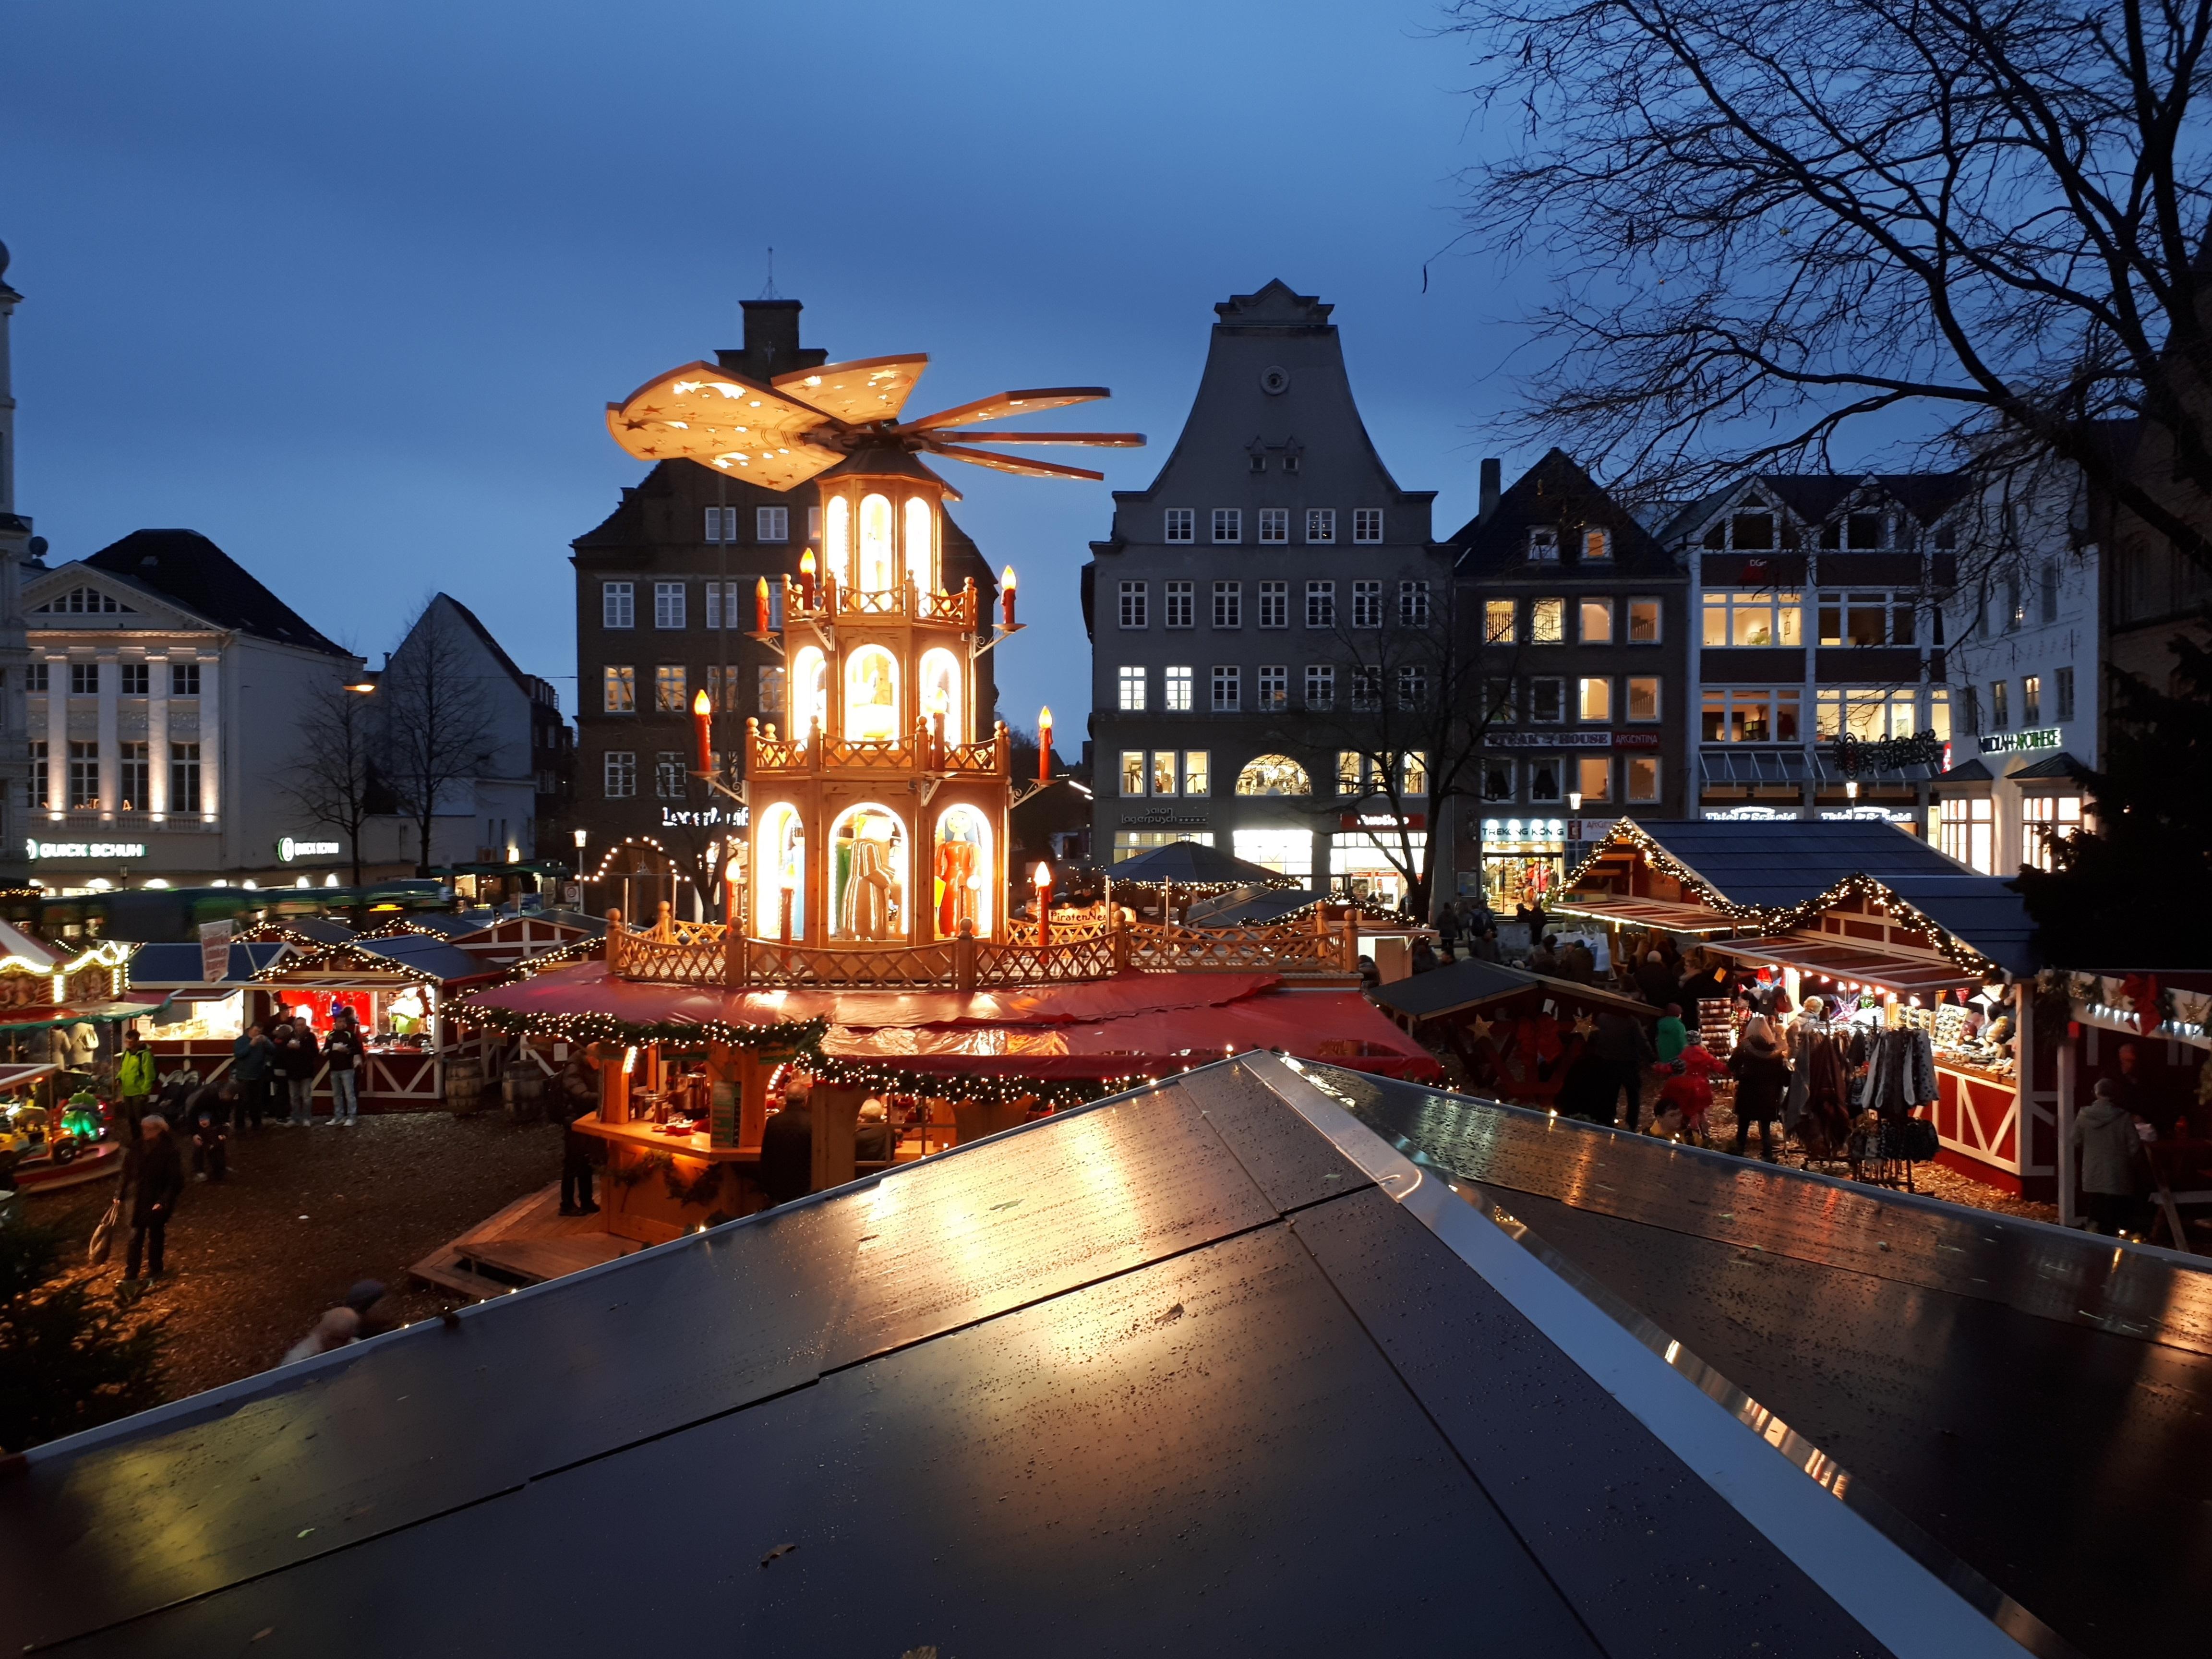 Weihnachtsmarkt H.File Flensburg Weihnachtsmarkt 2017 Jpg Wikimedia Commons